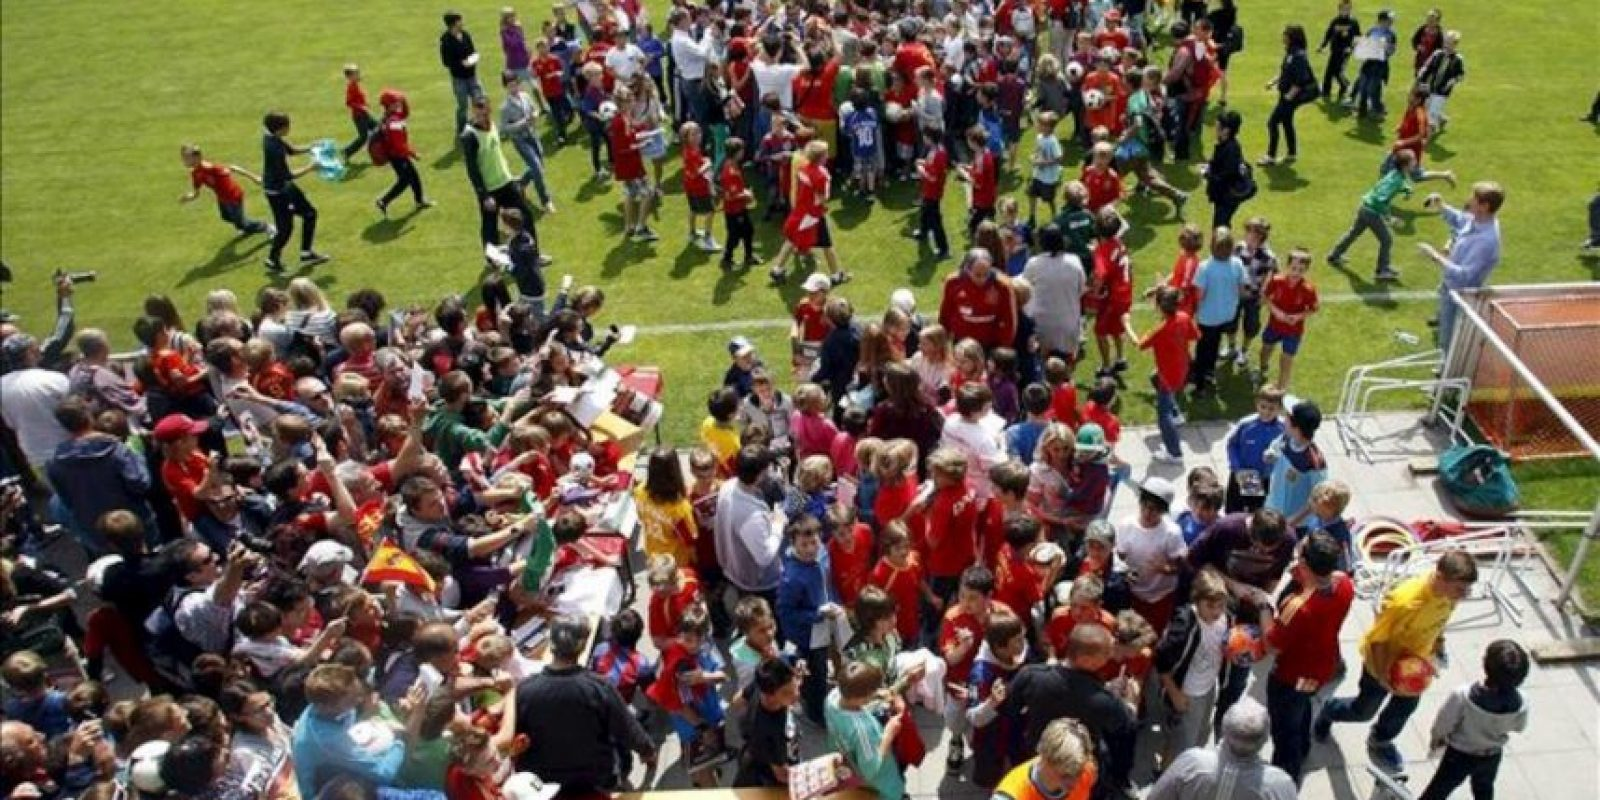 Vista del terreno de juego en el que hoy entrenó la selección española de fútbol, en la localidad austríaca de Schruns dentro de su preparación para la Eurocopa 2012. EFE